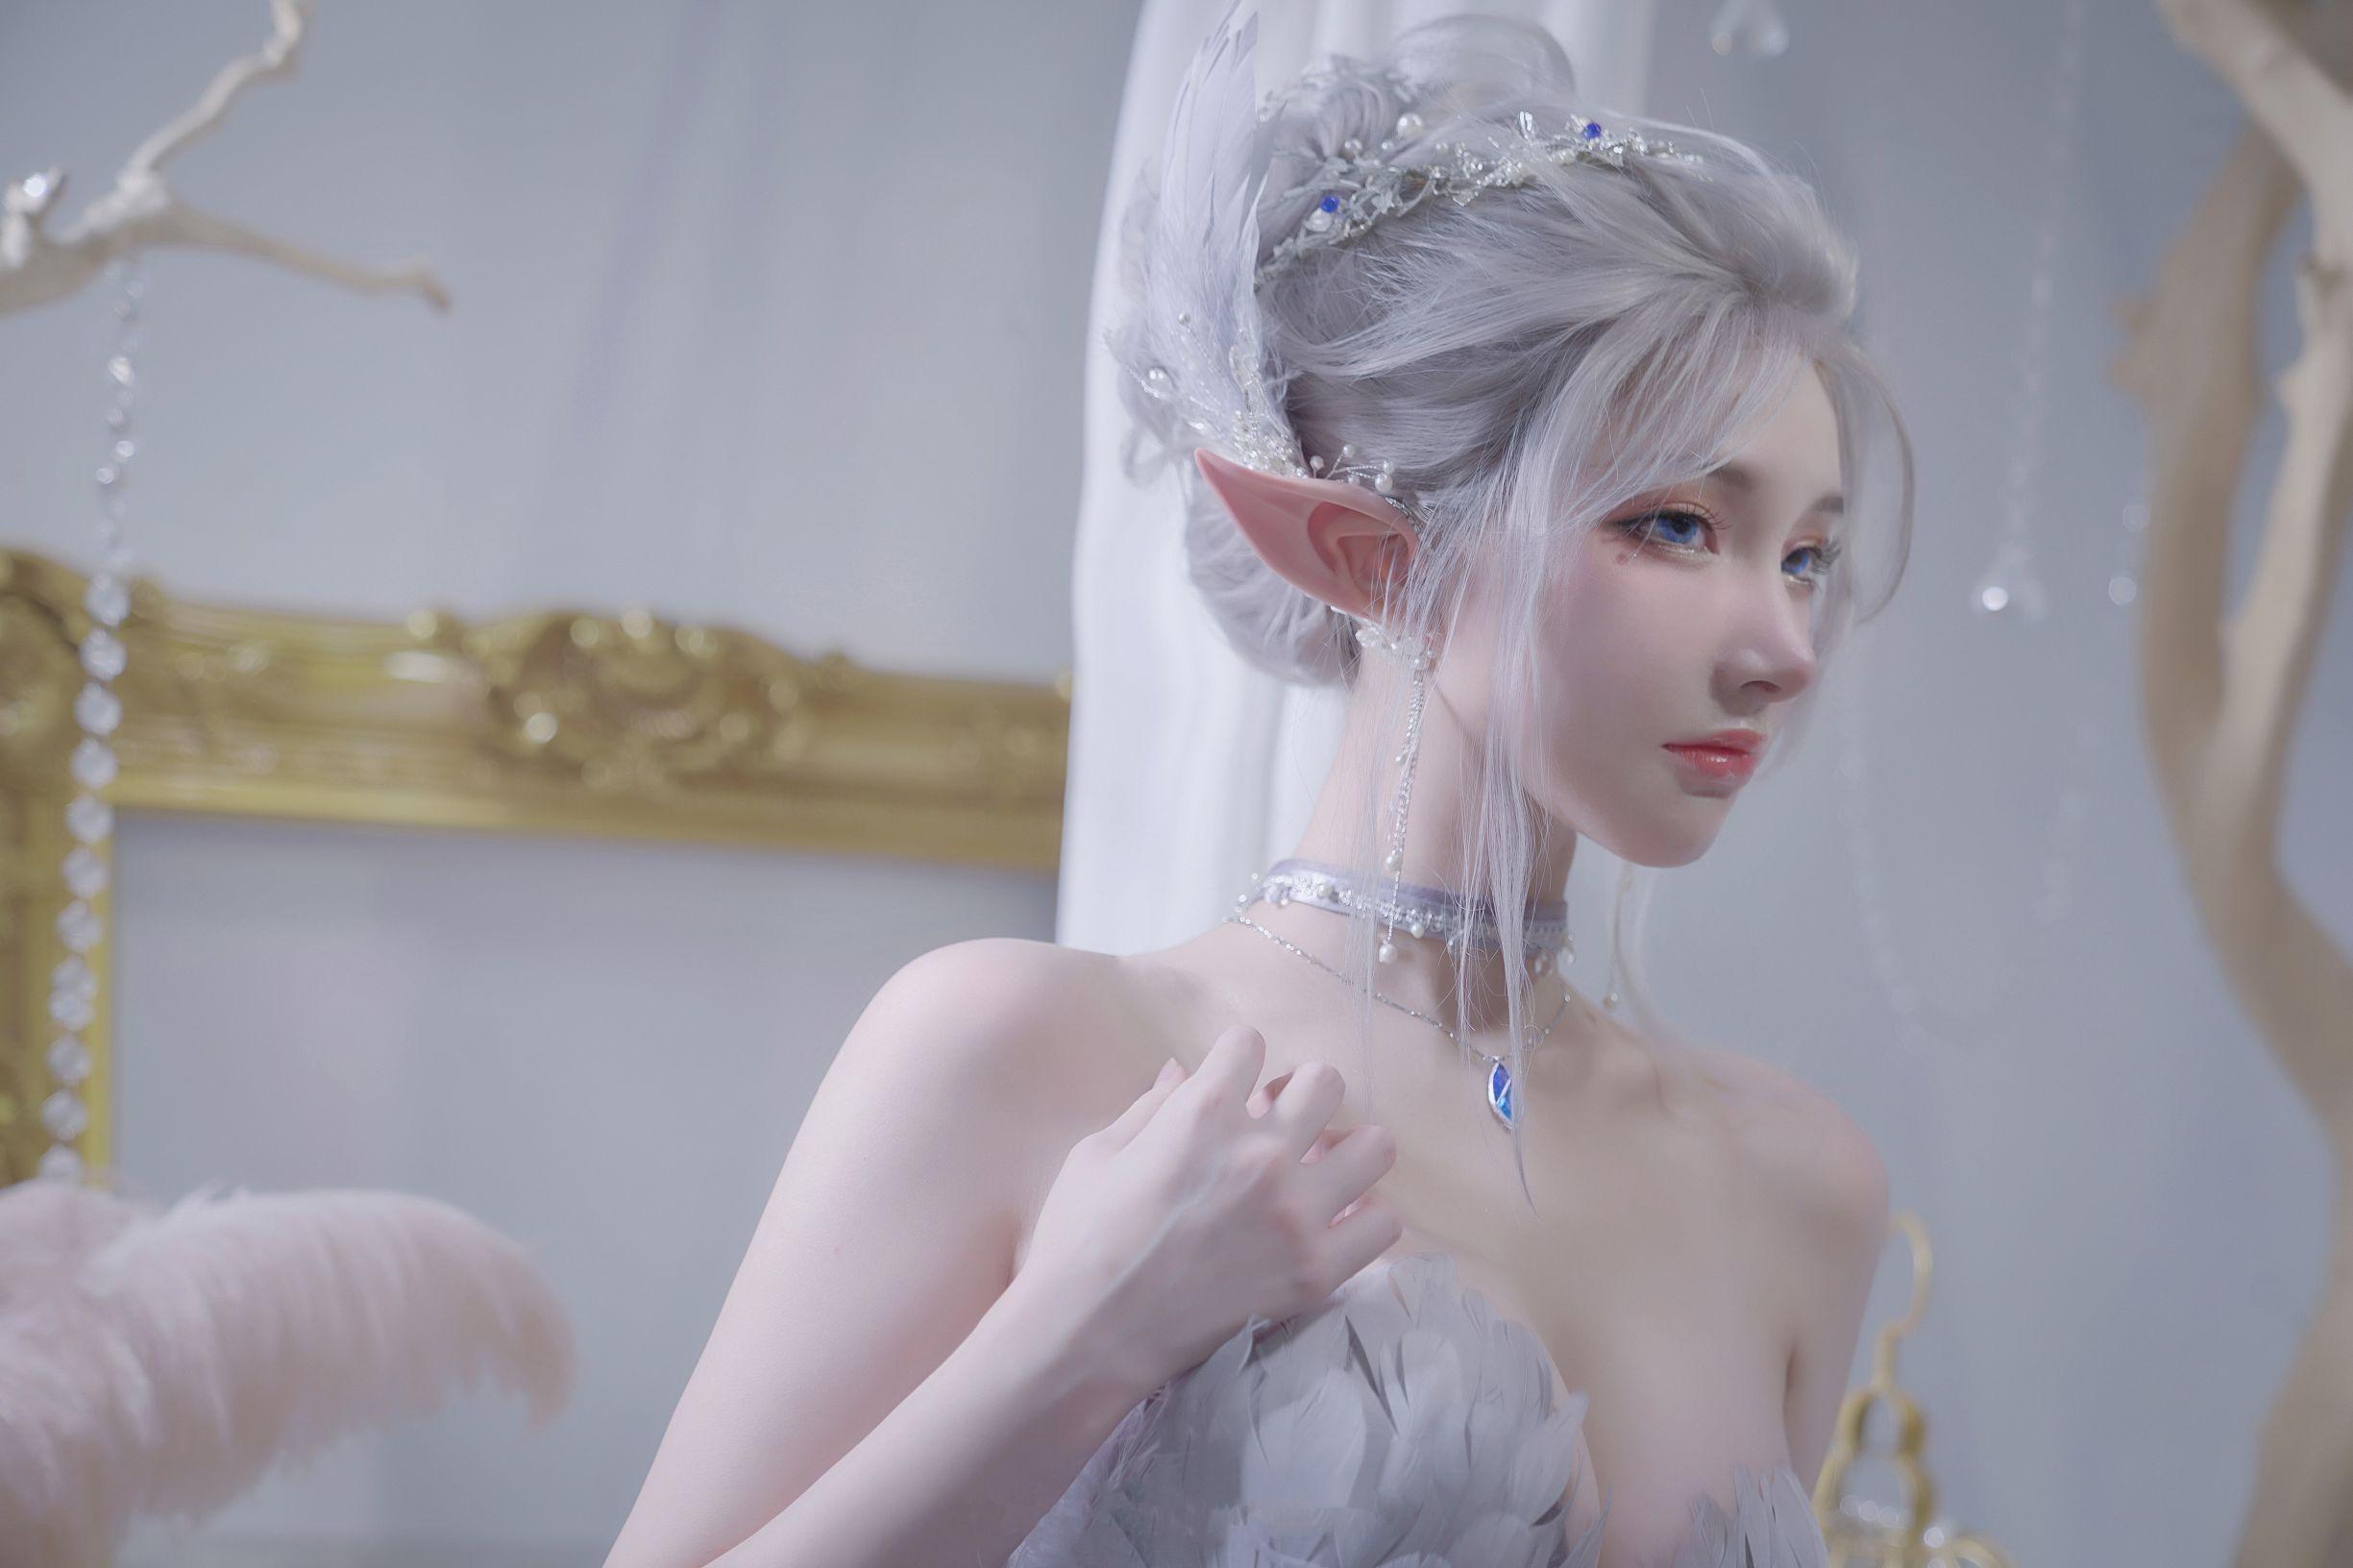 5eea442f1eb4d - 《鬼刀》海琴烟(冰公主) COS:在下萝莉控ii